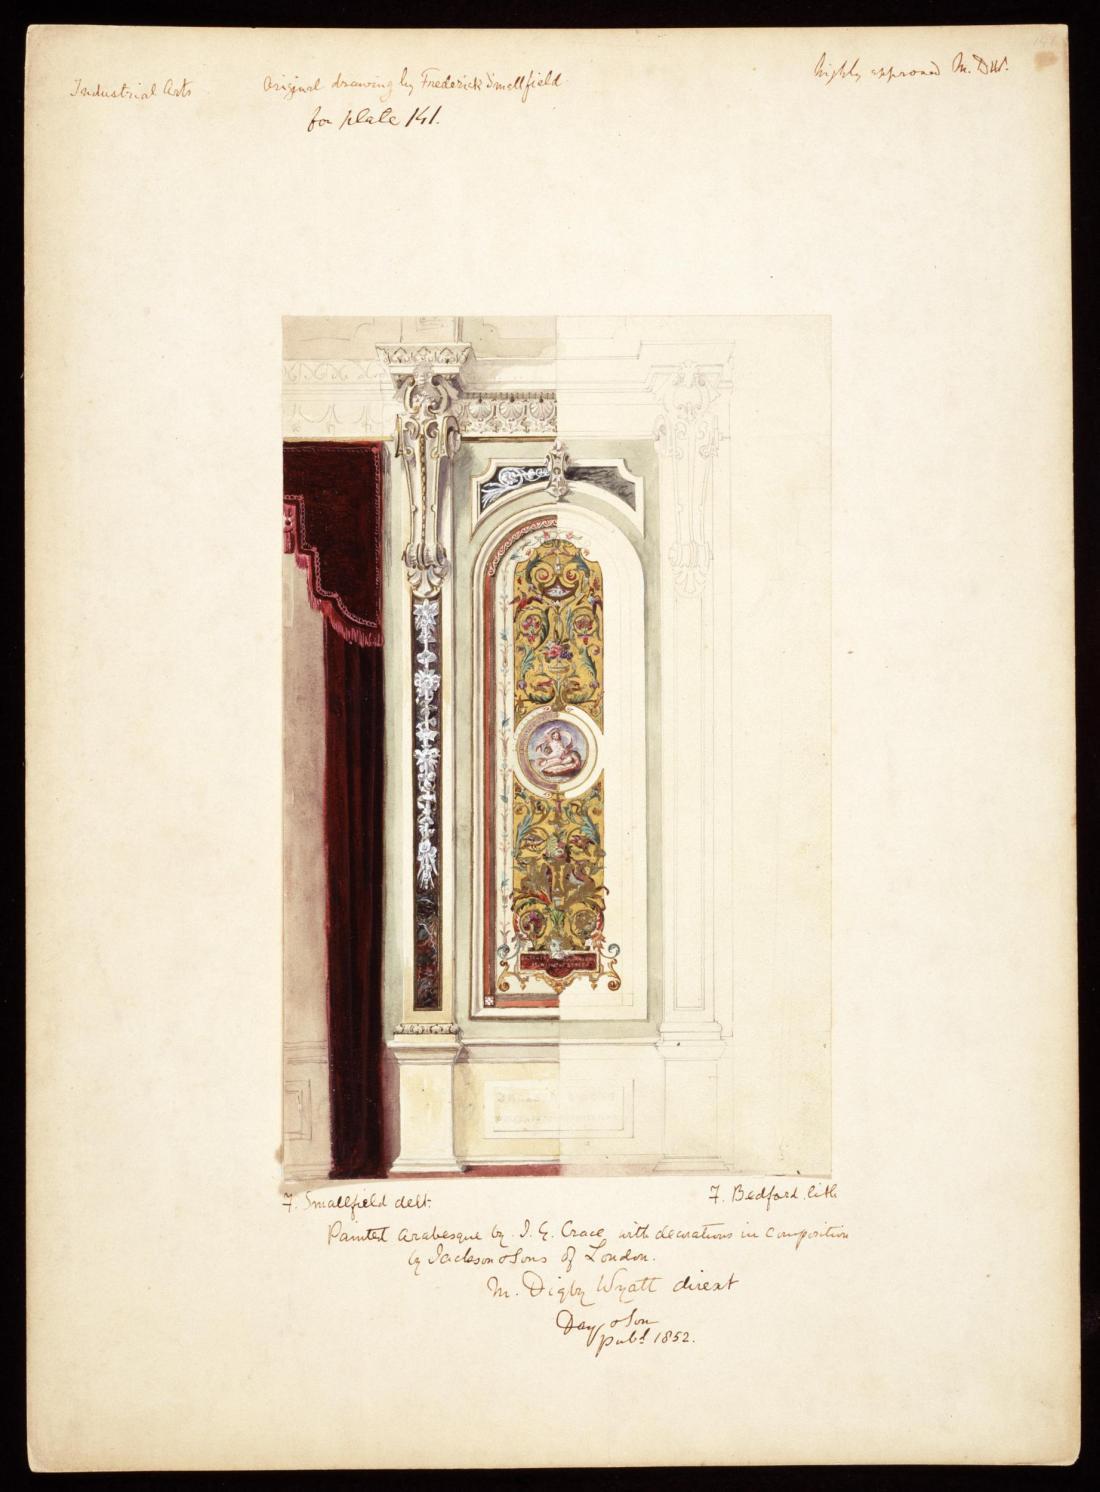 Interior detail for the 6th Duke of Devonshire.  1851.